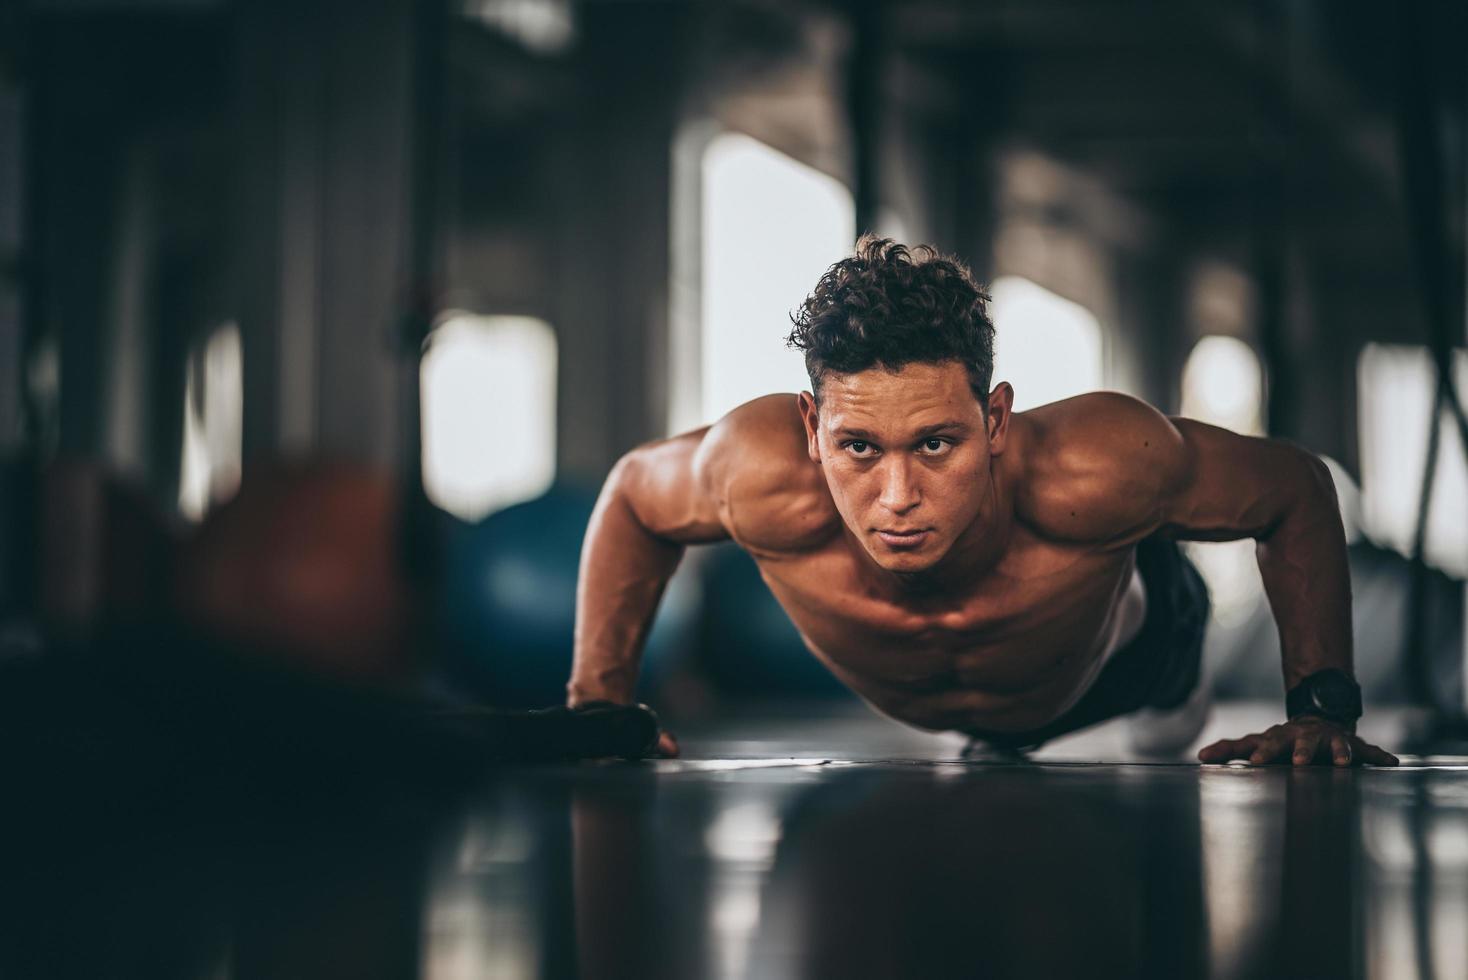 atleta maschio facendo push up in palestra foto